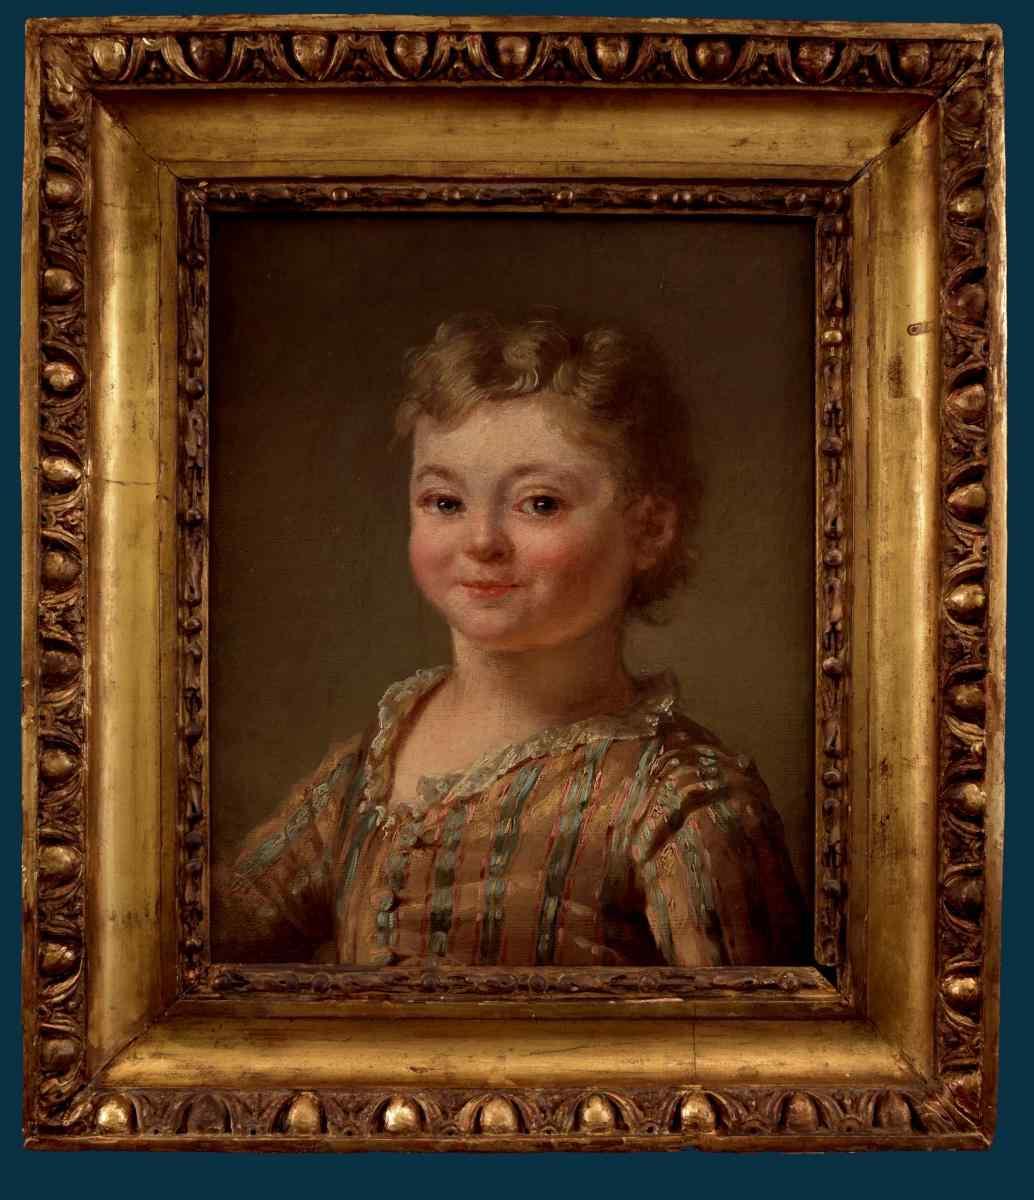 Ritratto di fanciullo XVIII secolo